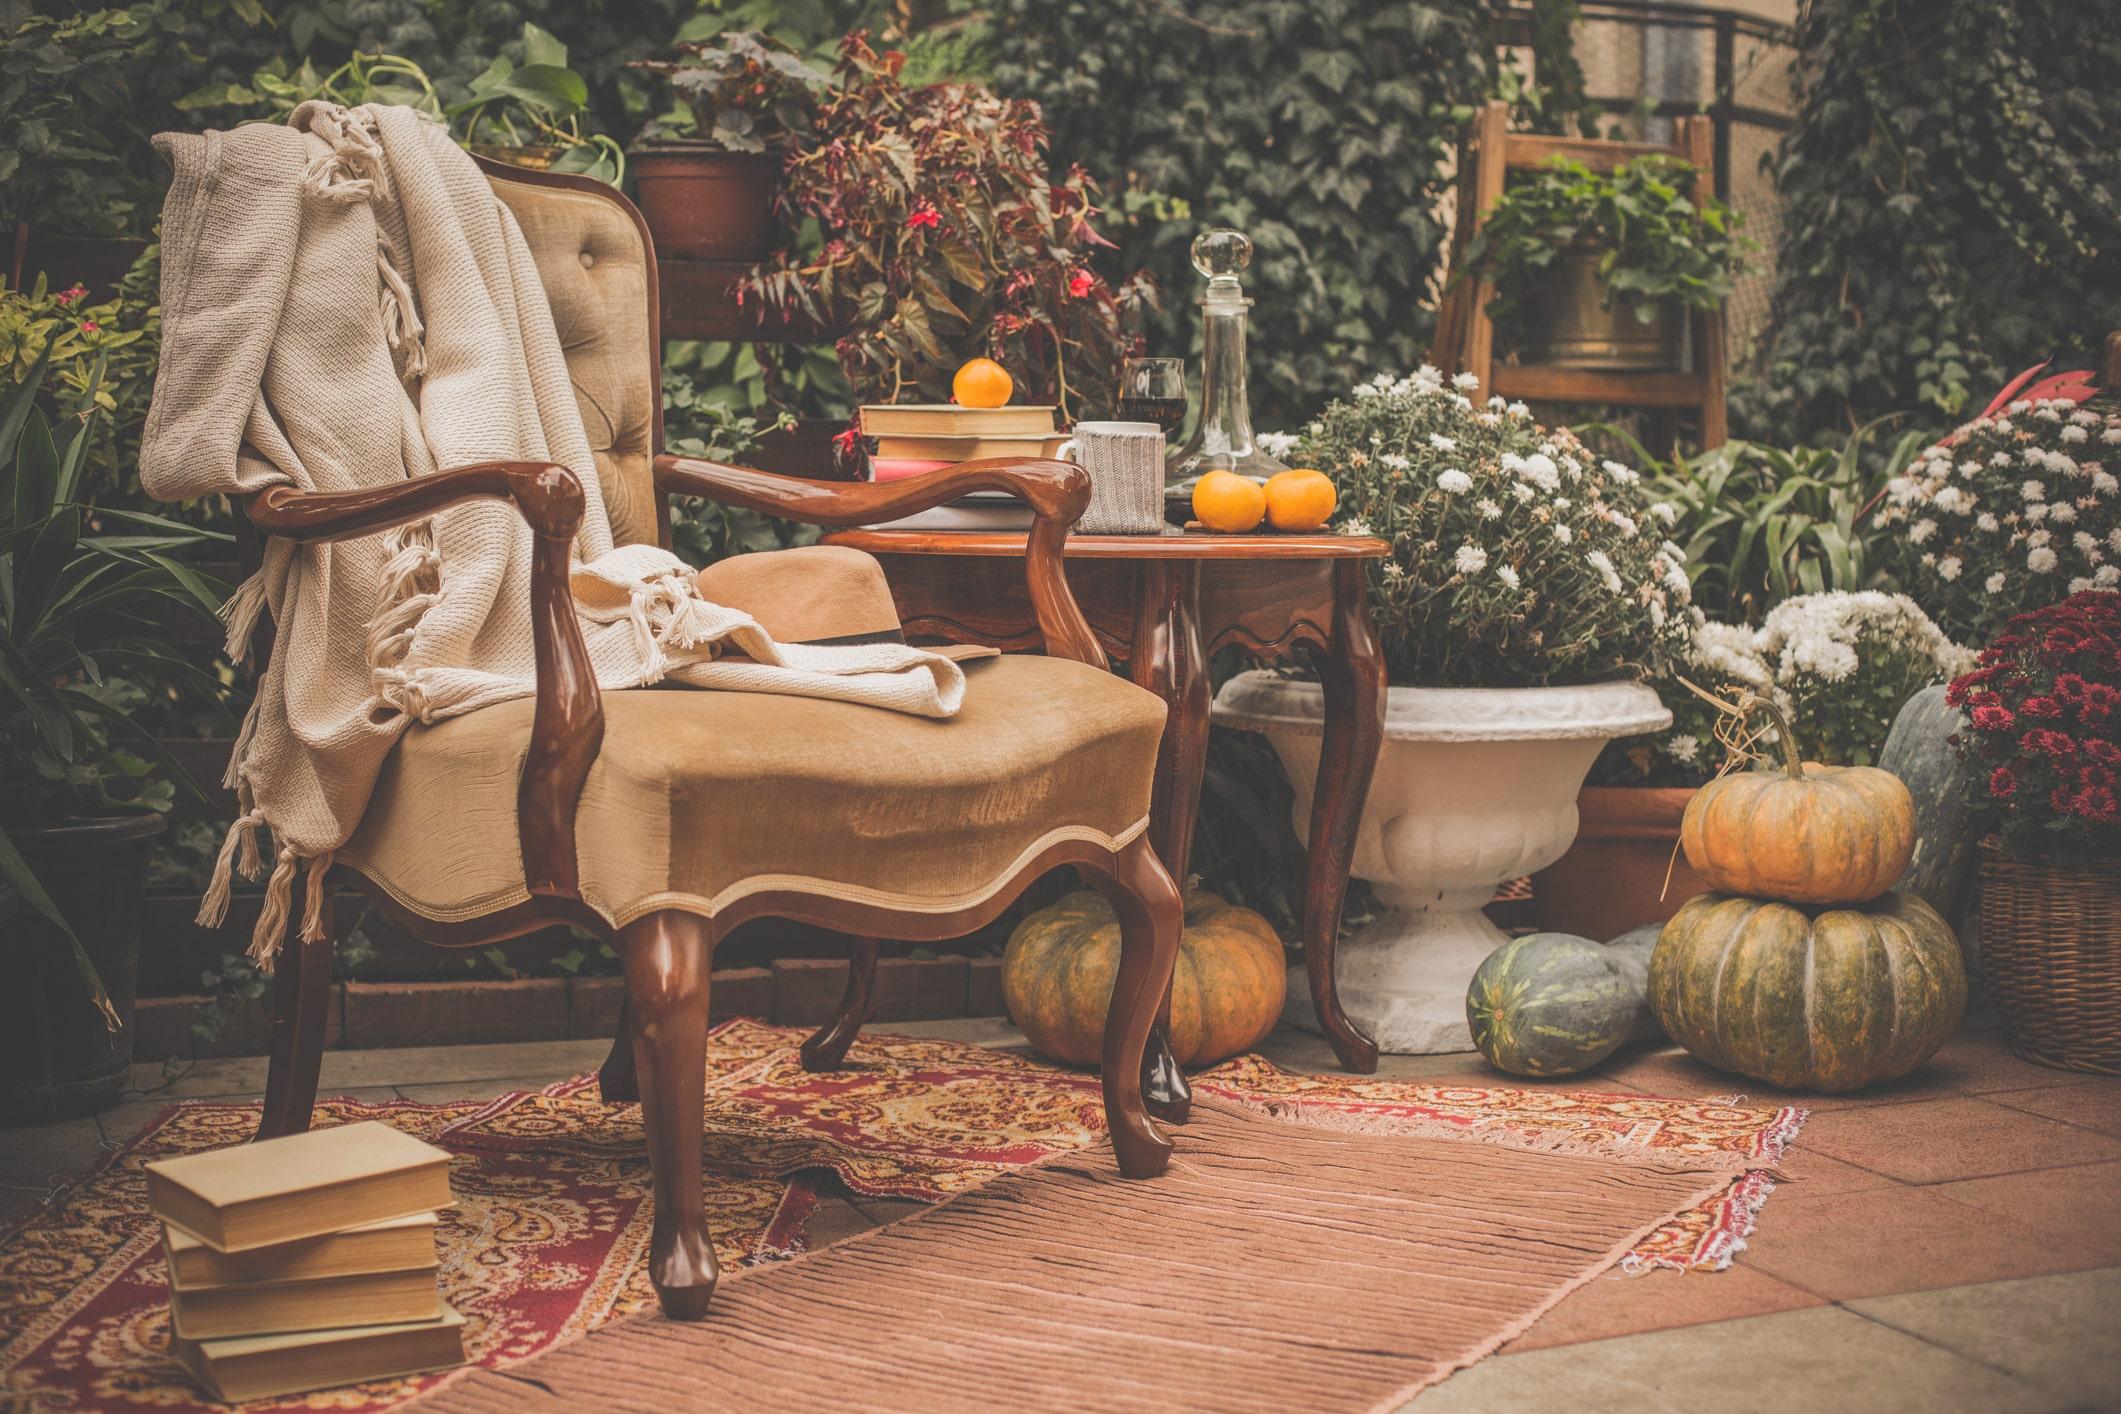 Herfst tuin decoraties